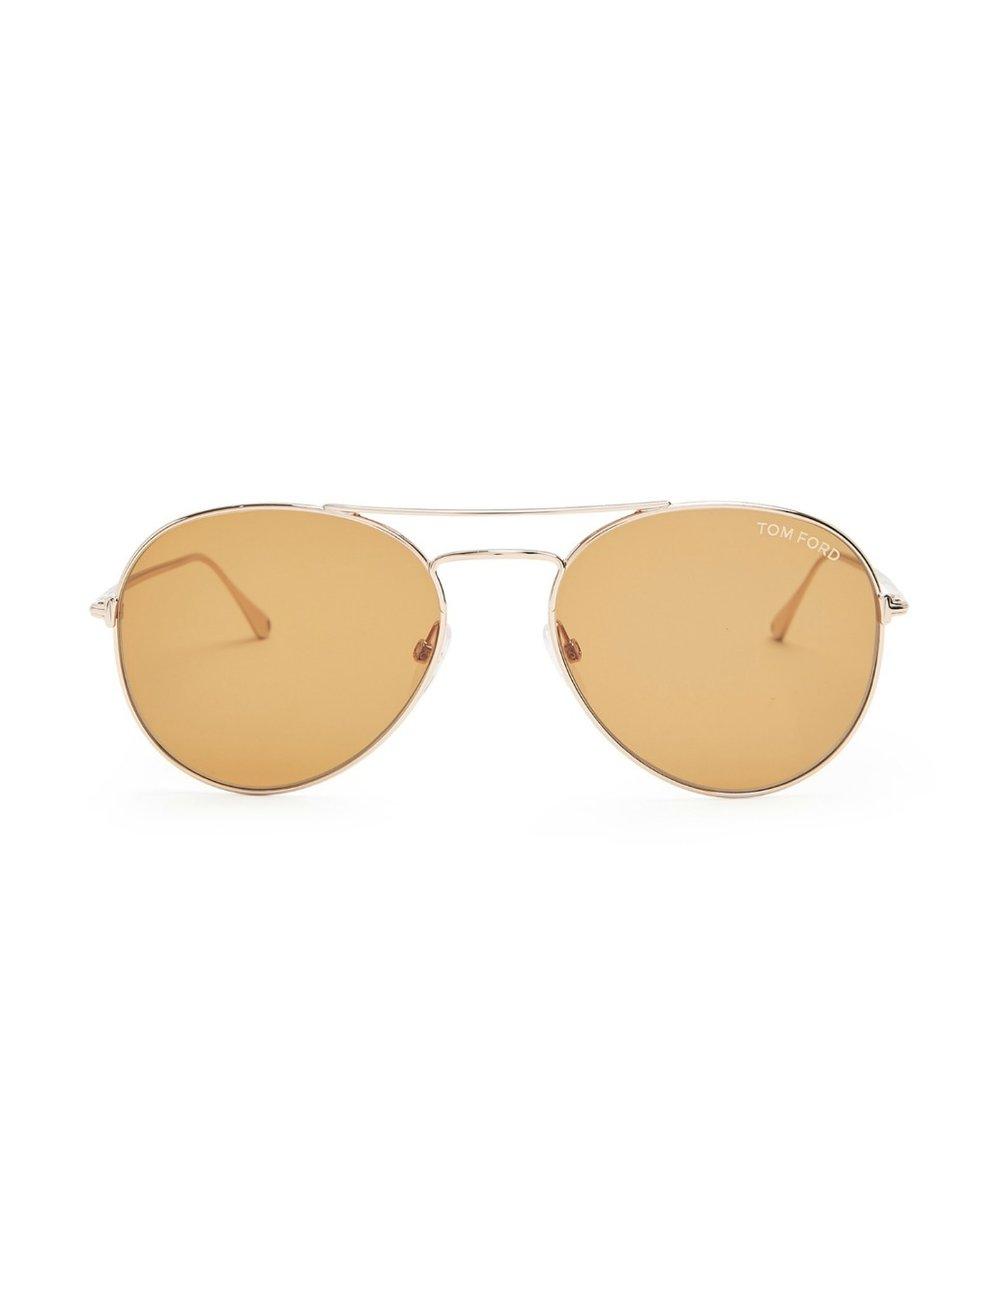 TOM FORDAce 2 aviator sunglasses - MATCHESFASHION.COM